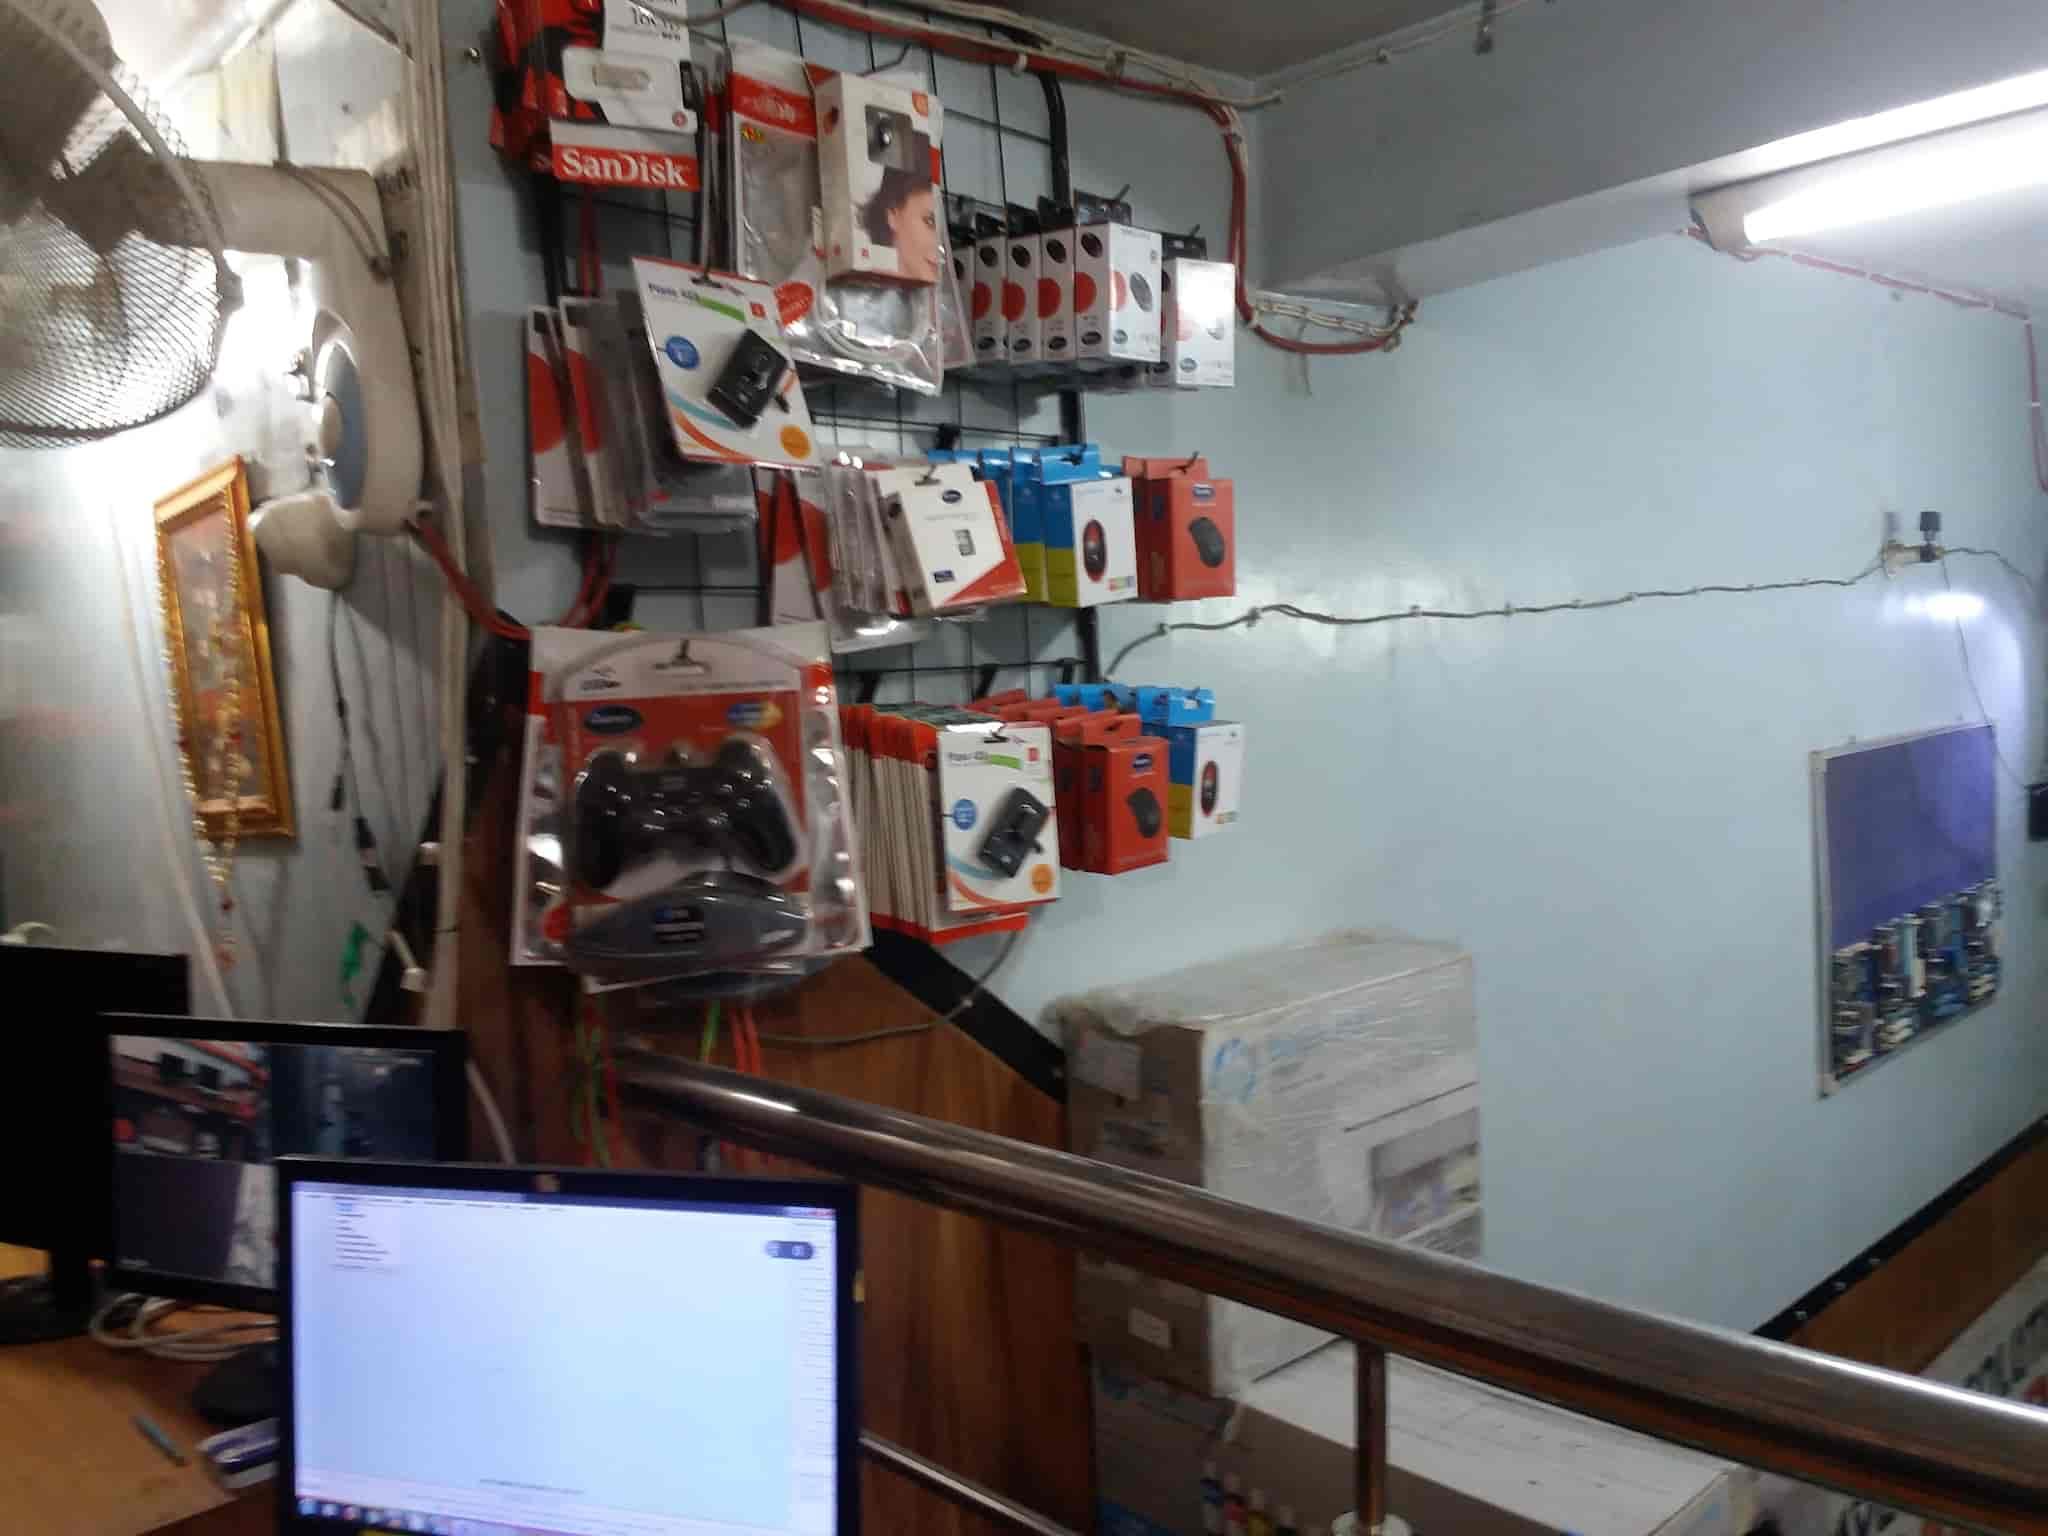 Enjoyable Apex Computer Solution Gandhi Nagar Computer Solution In Delhi Wiring 101 Vieworaxxcnl